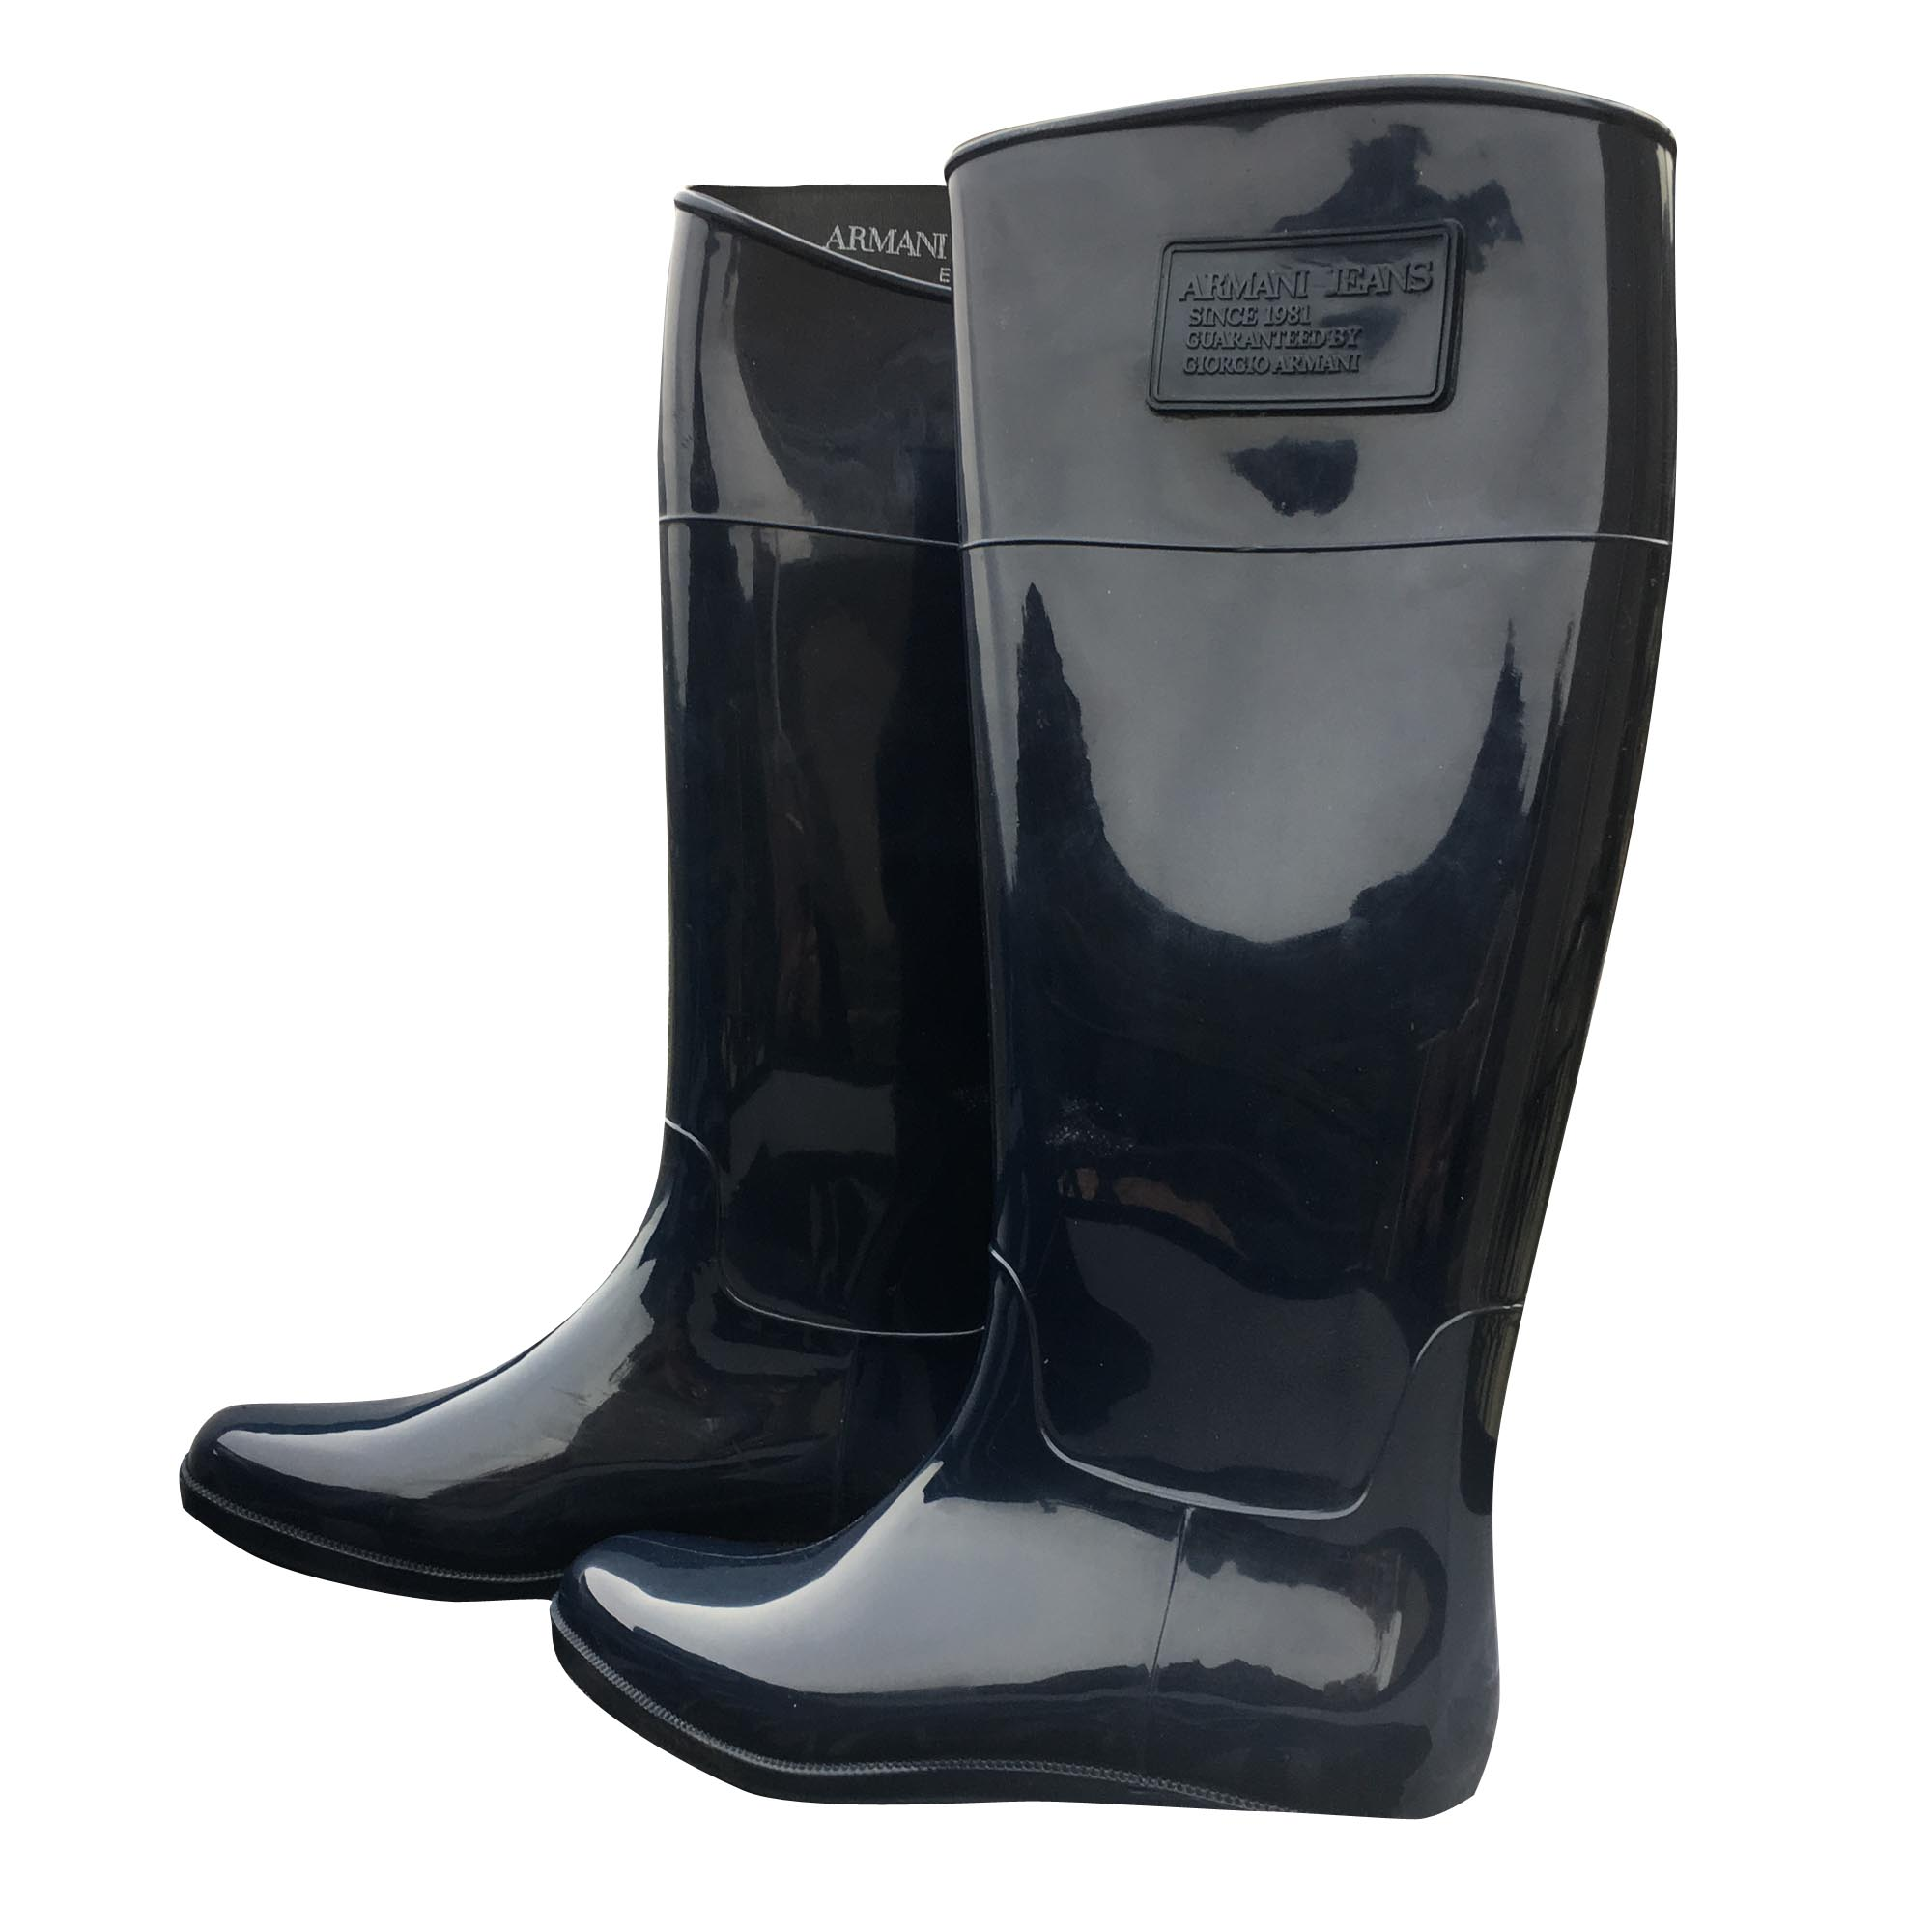 a8fd2d011577 Bottes de pluie ARMANI JEANS 37 bleu vendu par Escales2 - 7140631